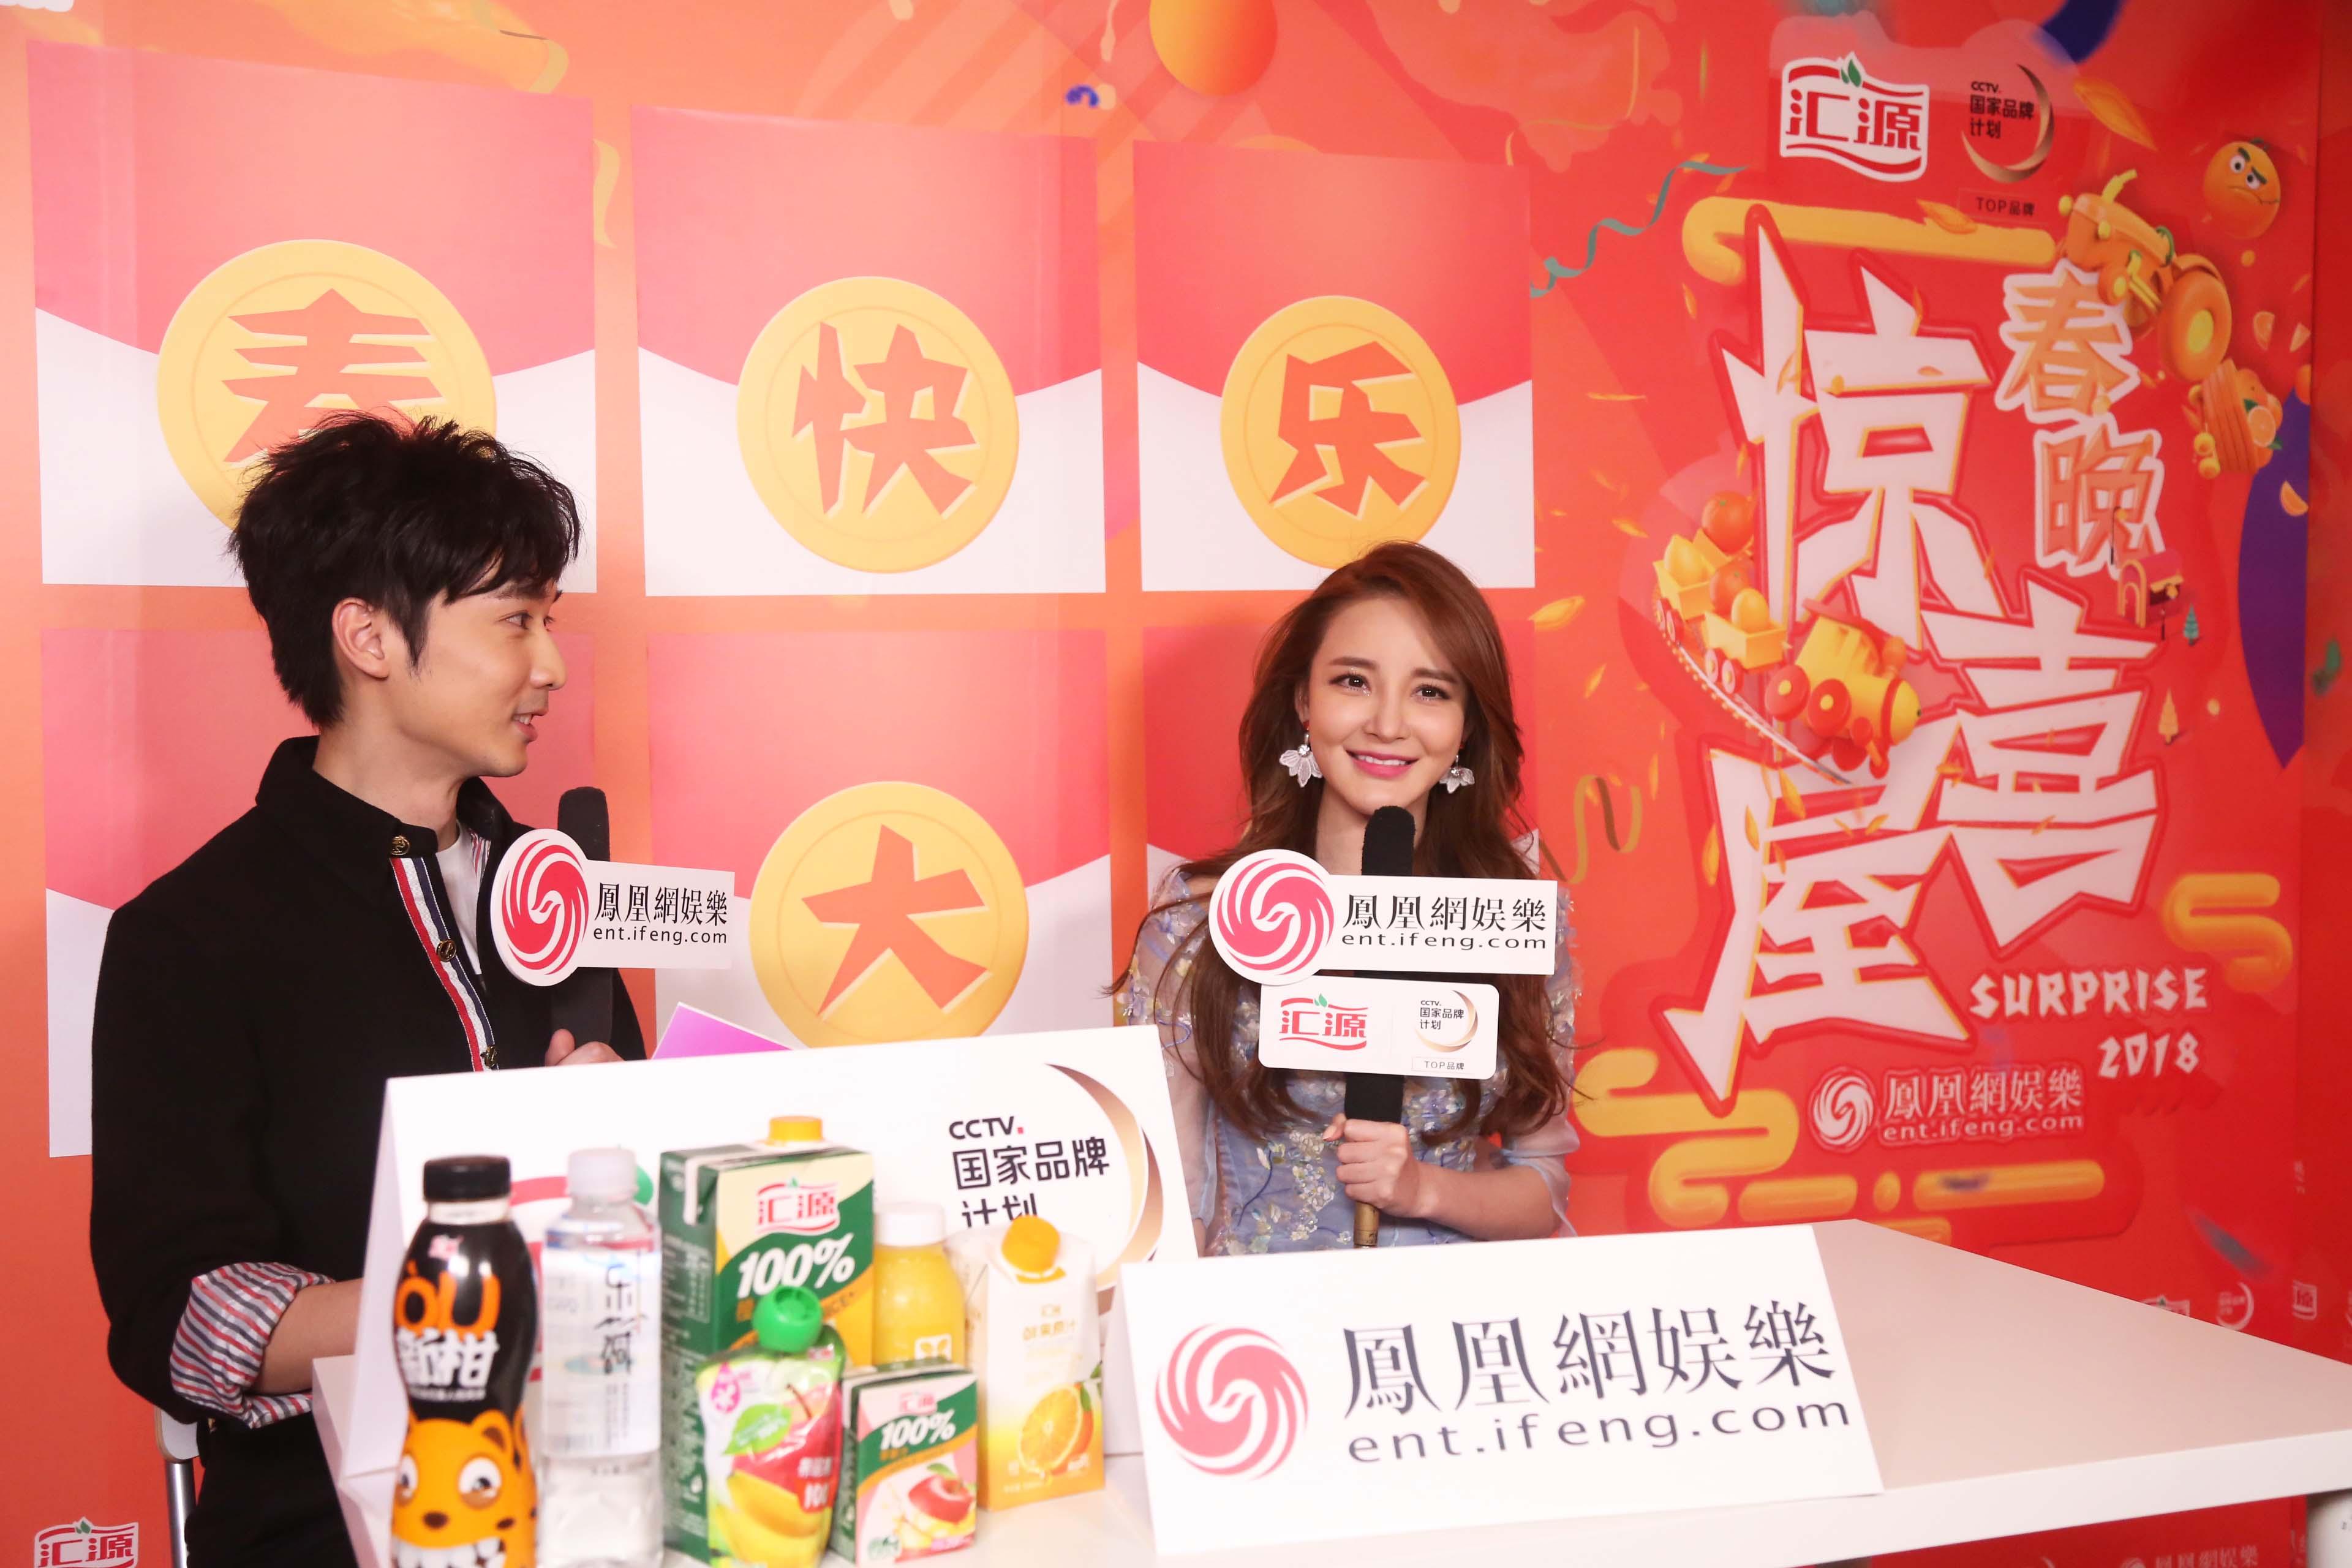 刘雨欣三登春晚 制作《枕上书》不惧选角骂名